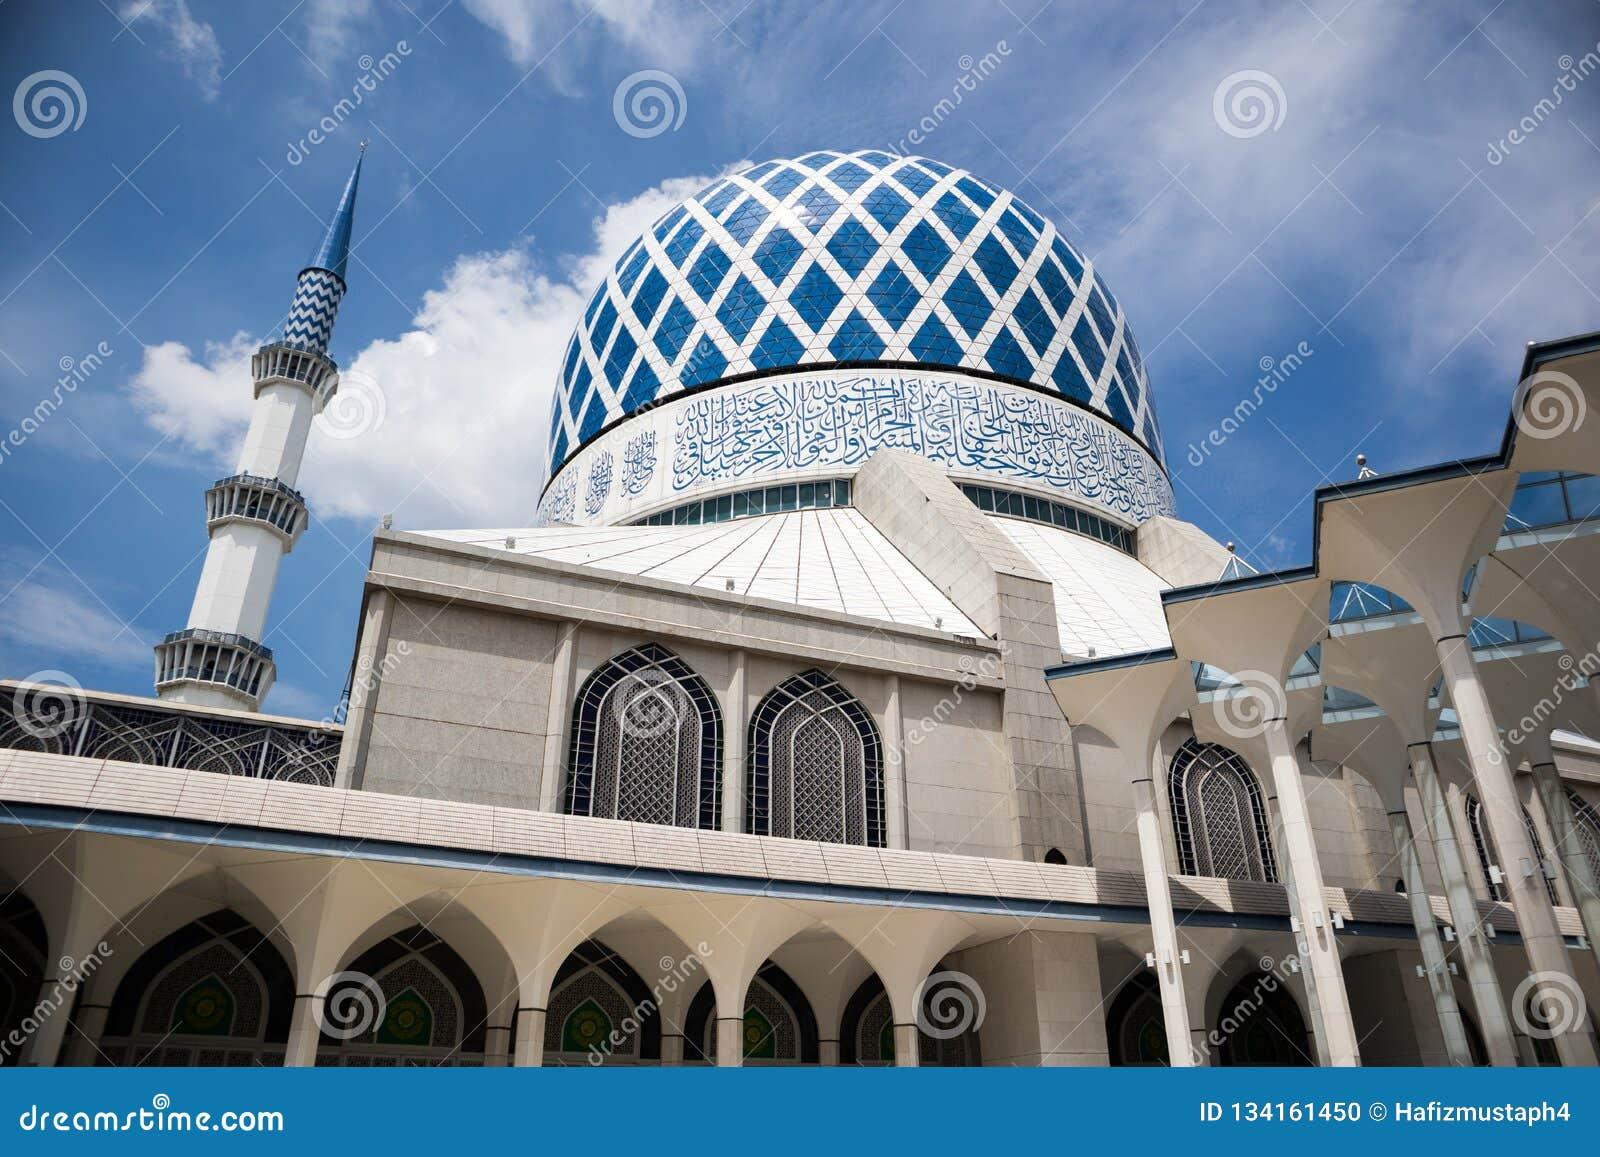 SHAH ALAM MALAYSIA - DECEMBER 5, 2018: Sultan Salahuddin Abdul Aziz Shah moské också som är bekant som blå moské under dag